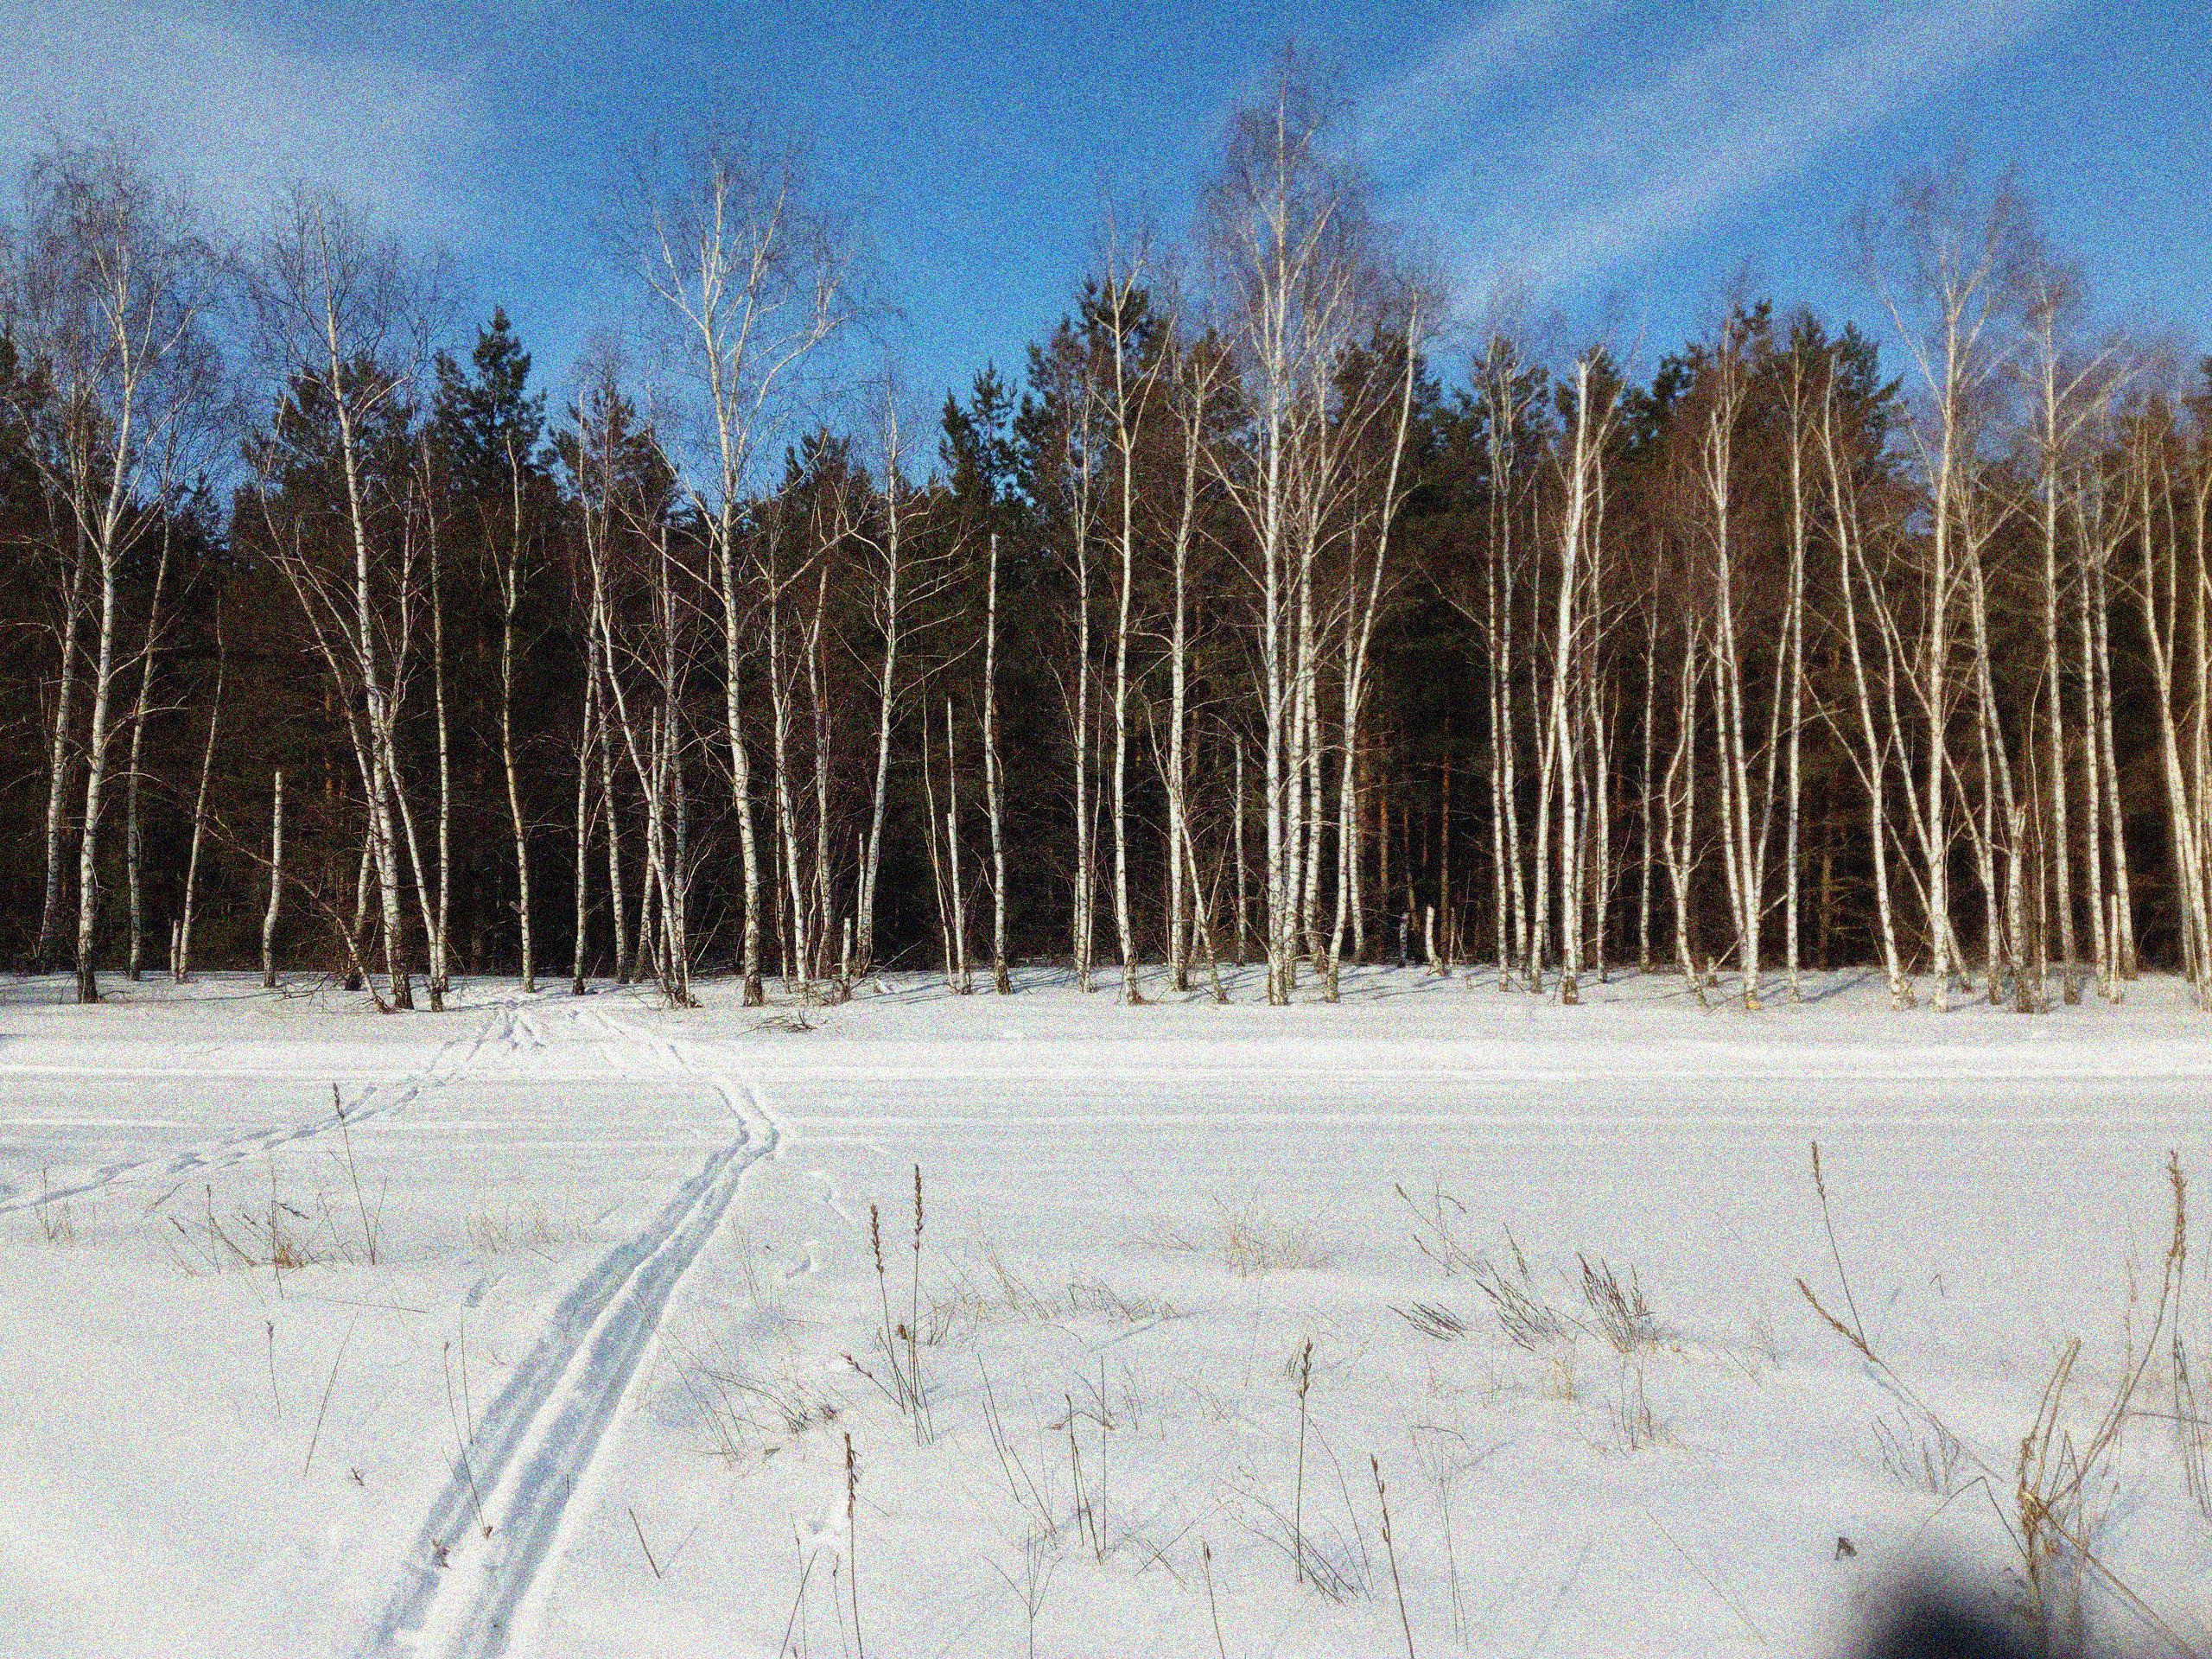 лыжная прогулка в лесу, кататься на лыжах в лесу